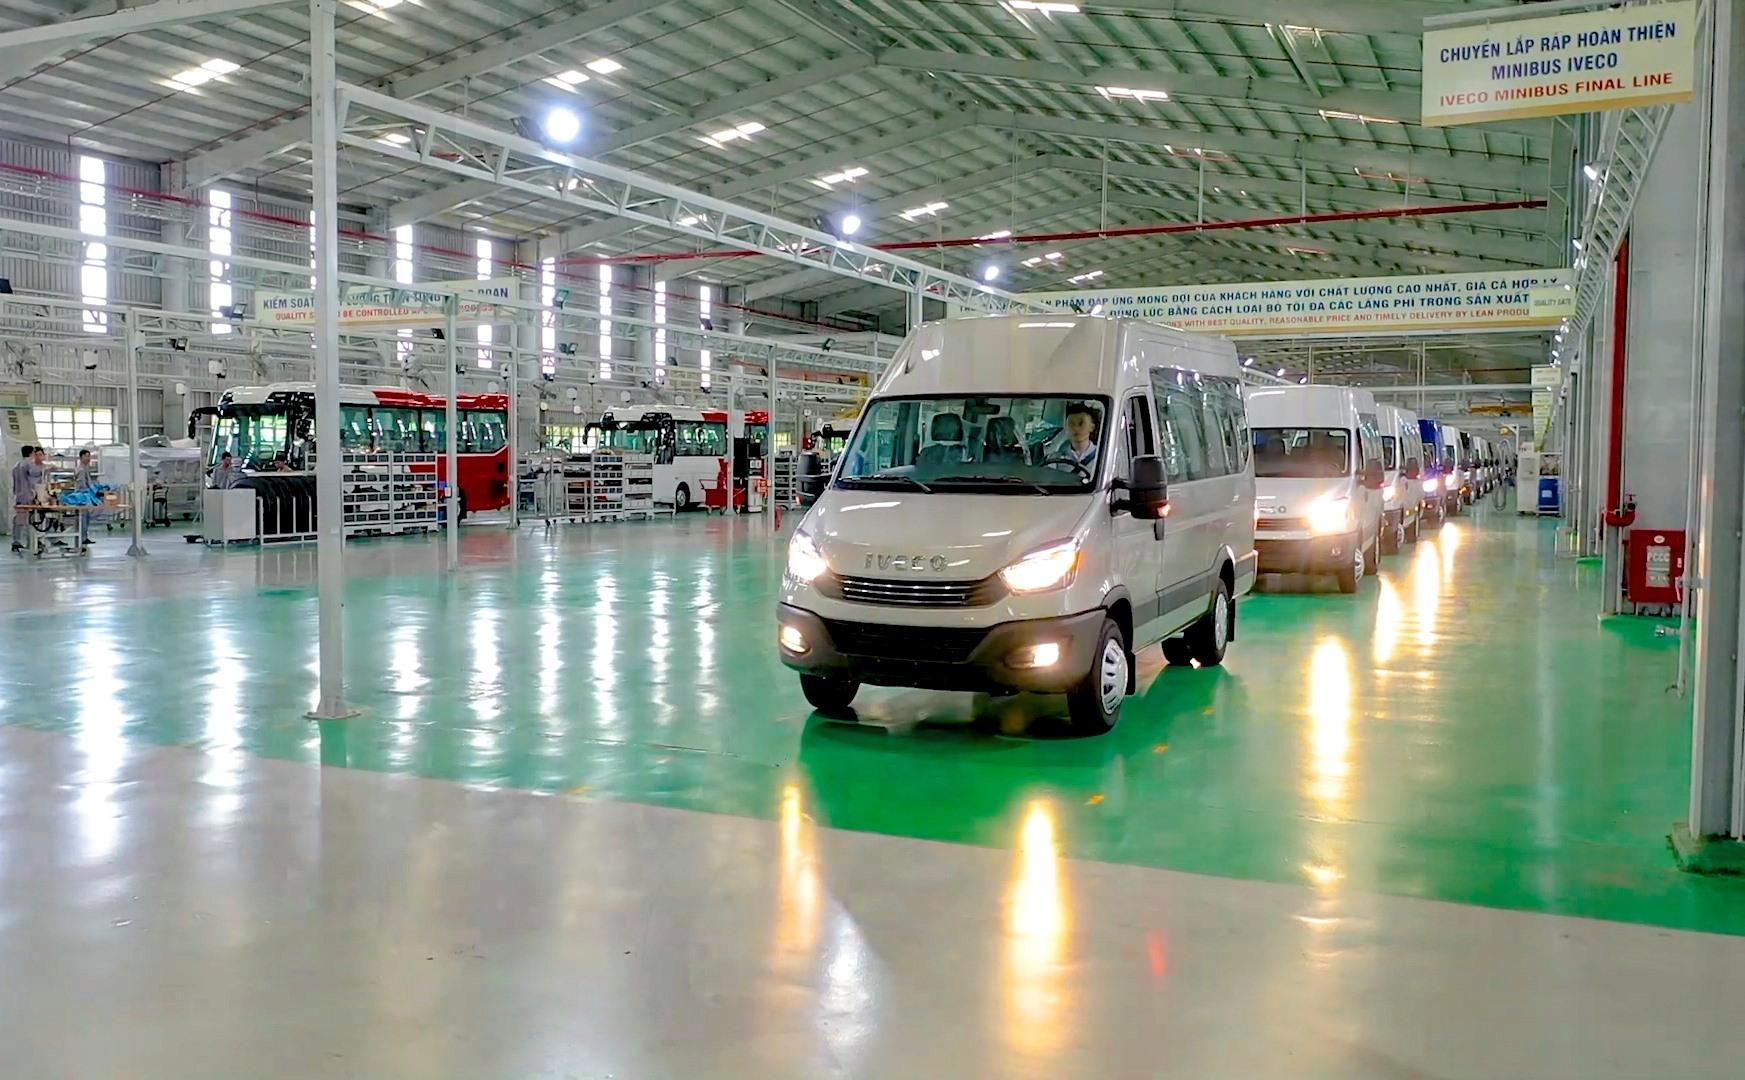 Dây chuyền lắp ráp hoàn thiện Minibus Iveco